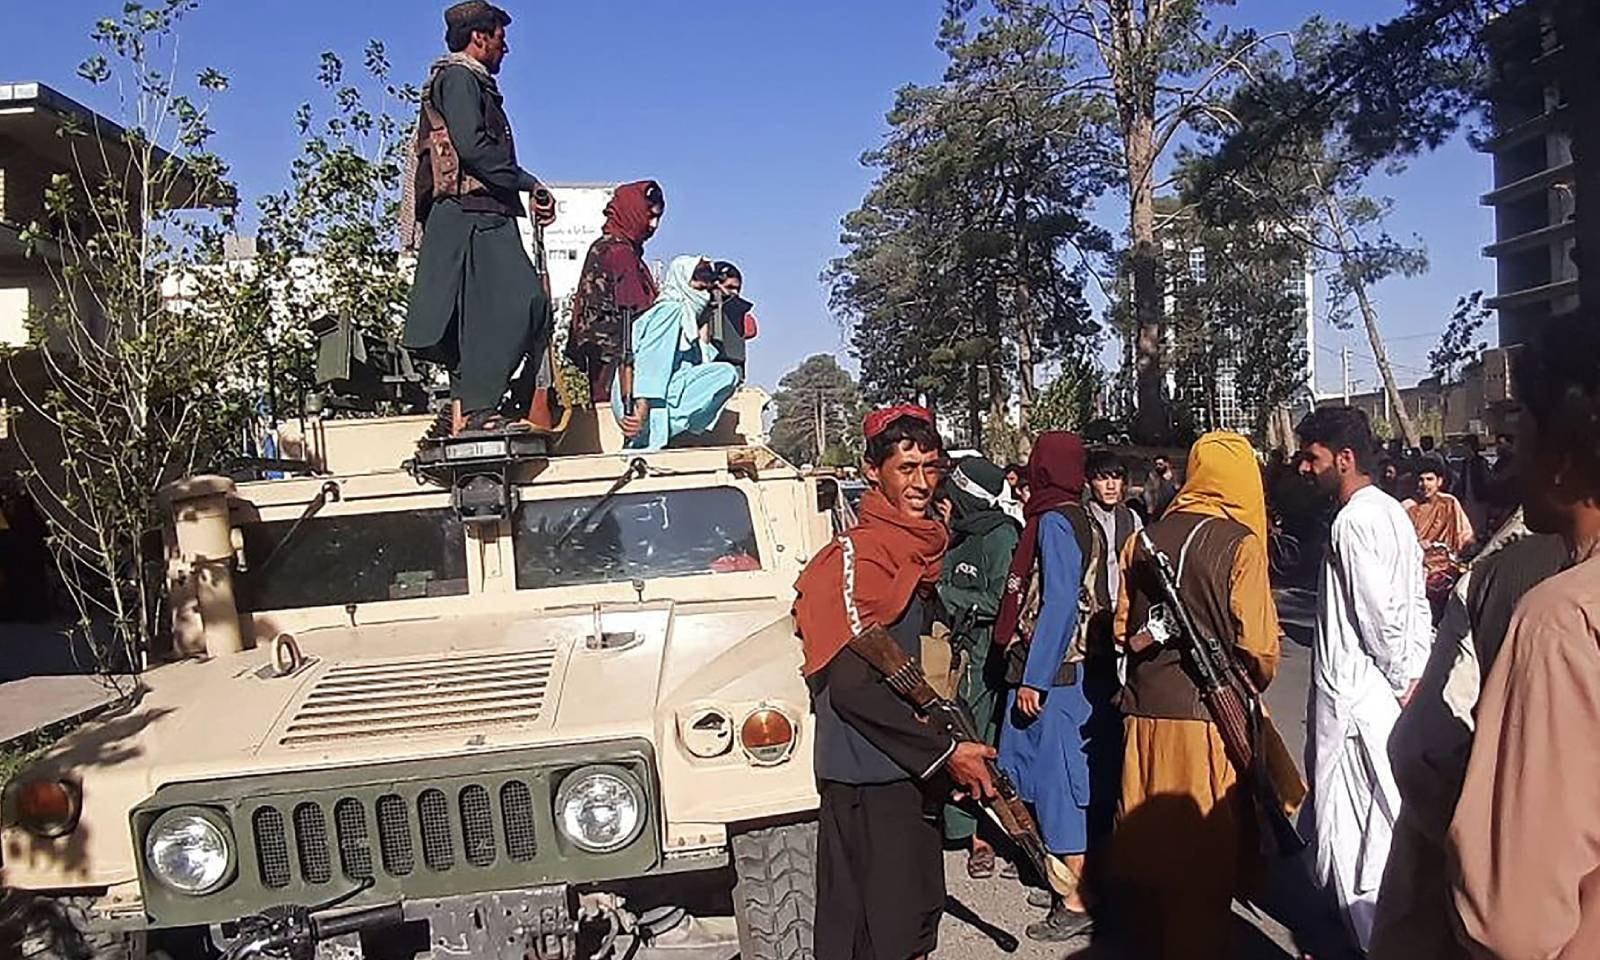 افغانستان کے تیسرے بڑے شہر ہرات میں طالبان جنگجو سڑک کنارے پہرا دے رہے ہیں —فوٹو: اے ایف پی